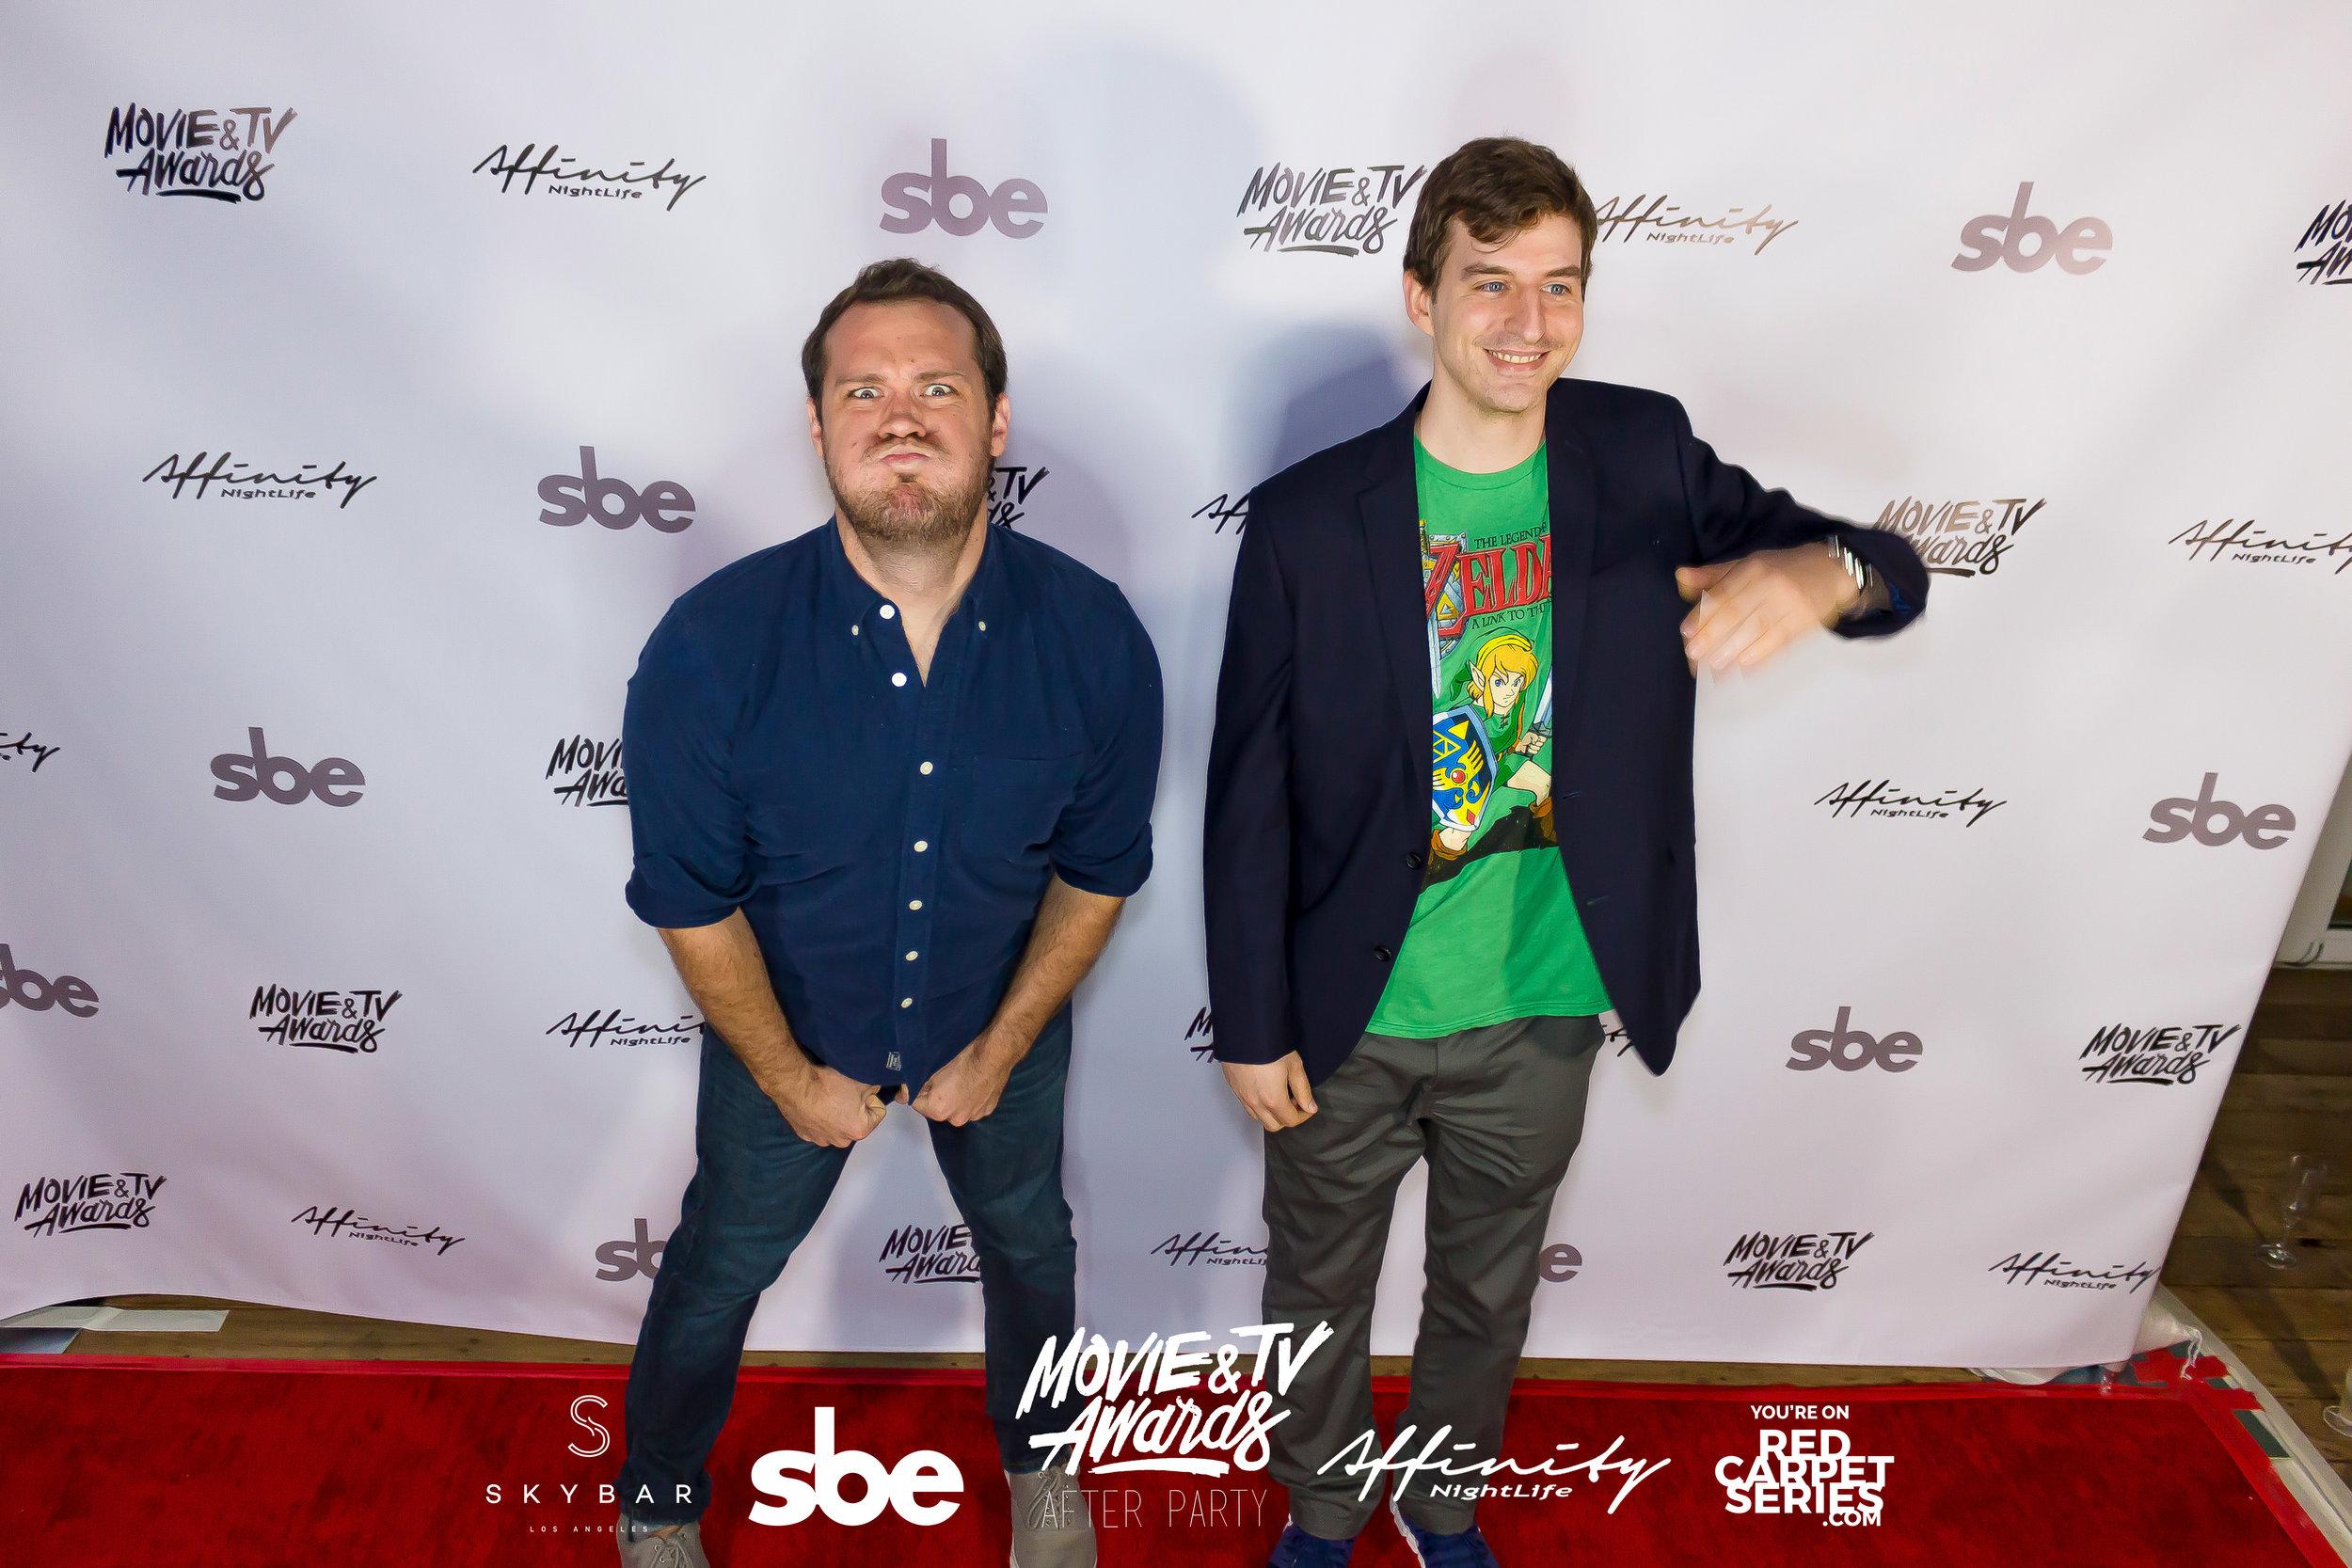 Affinity Nightlife MTV Movie & TV Awards After Party - Skybar at Mondrian - 06-15-19 - Vol. 2_87.jpg